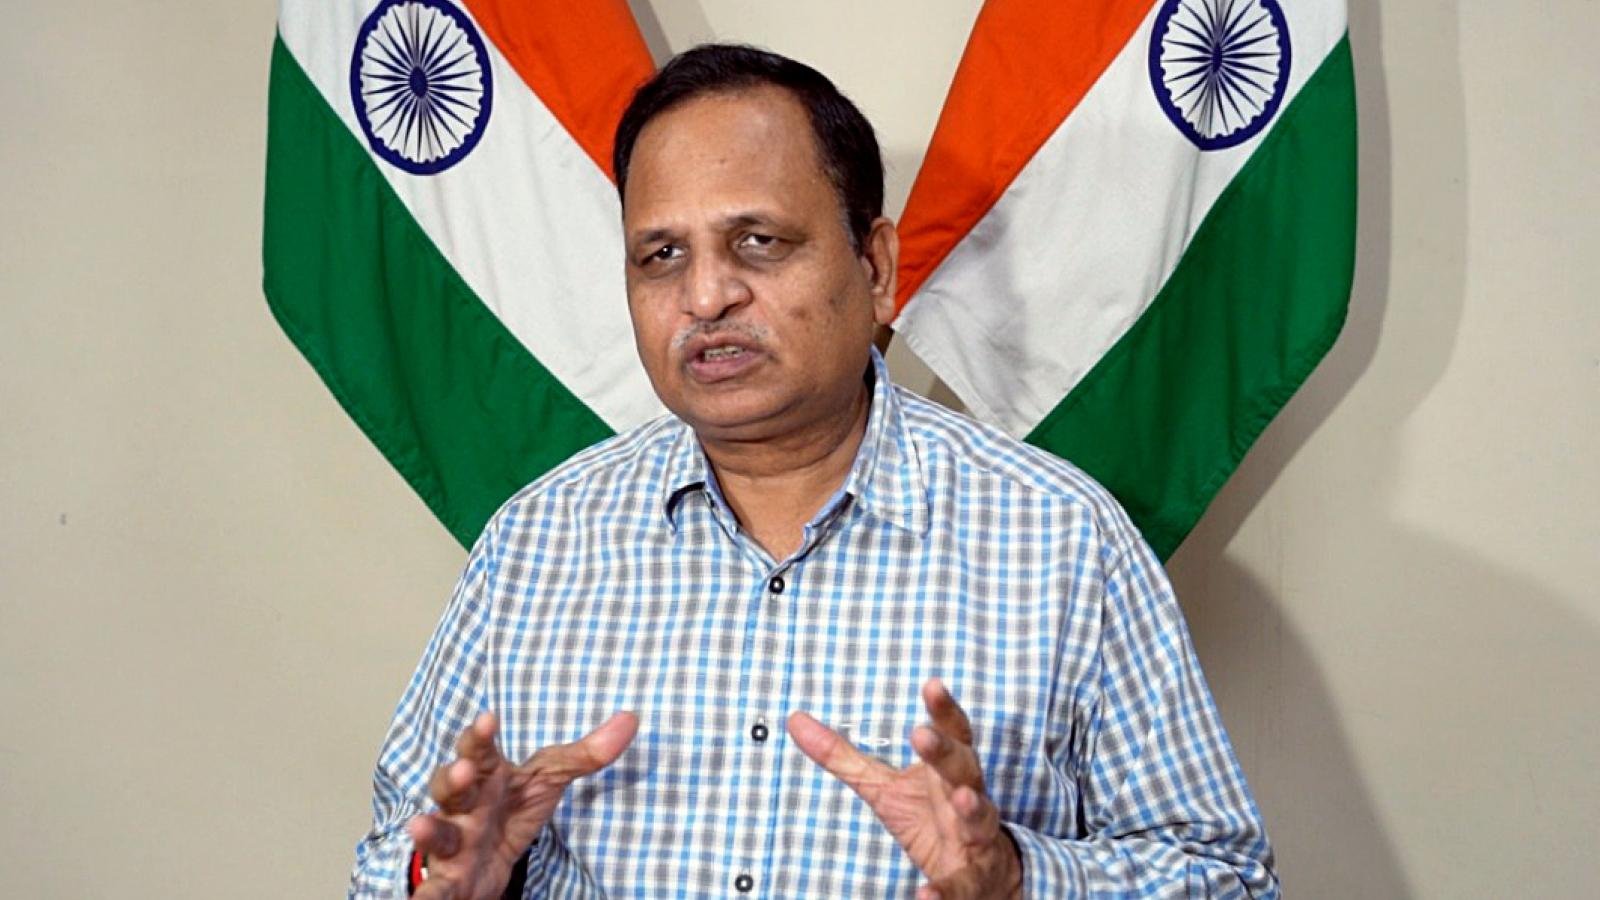 Thủ đô New Delhi (Ấn Độ) tiến hành cuộc khảo sát huyết thanh thứ 7